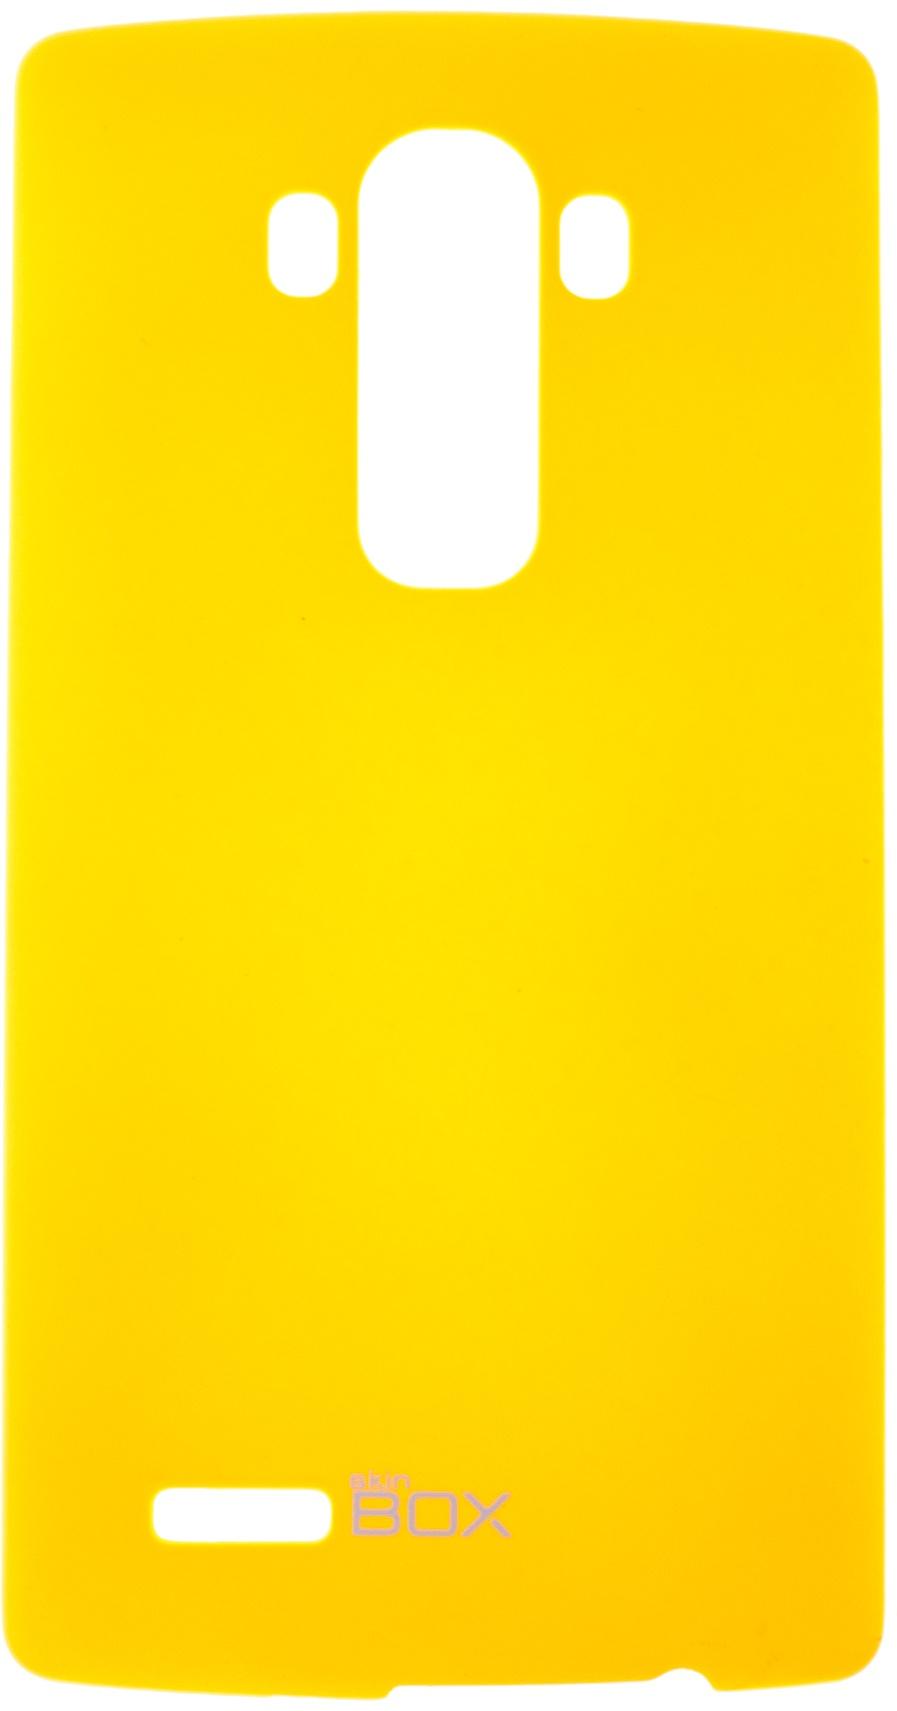 Накладка skinBOX для LG G4, 2000000076409, желтый кейс для назначение lg l90 lg g2 lg g3 lg l70 lg k8 lg lg k5 lg k4 lg nexus 5x lg k10 lg k7 lg g5 lg g4 бумажник для карт кошелек защита